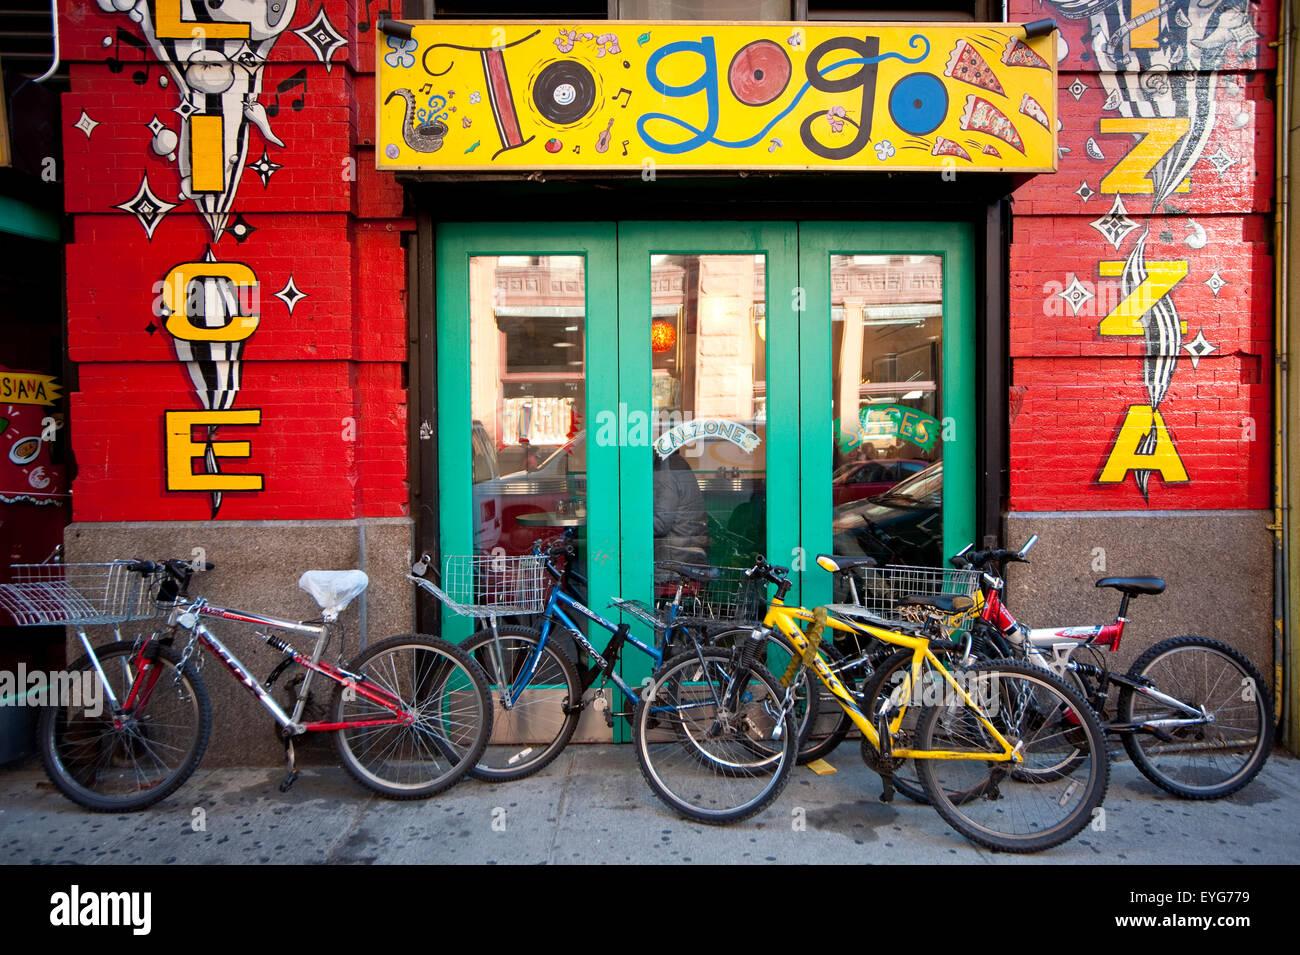 Bicyclettes à l'extérieur d'une pizzeria dans le West Village, à Manhattan, New York, USA Photo Stock